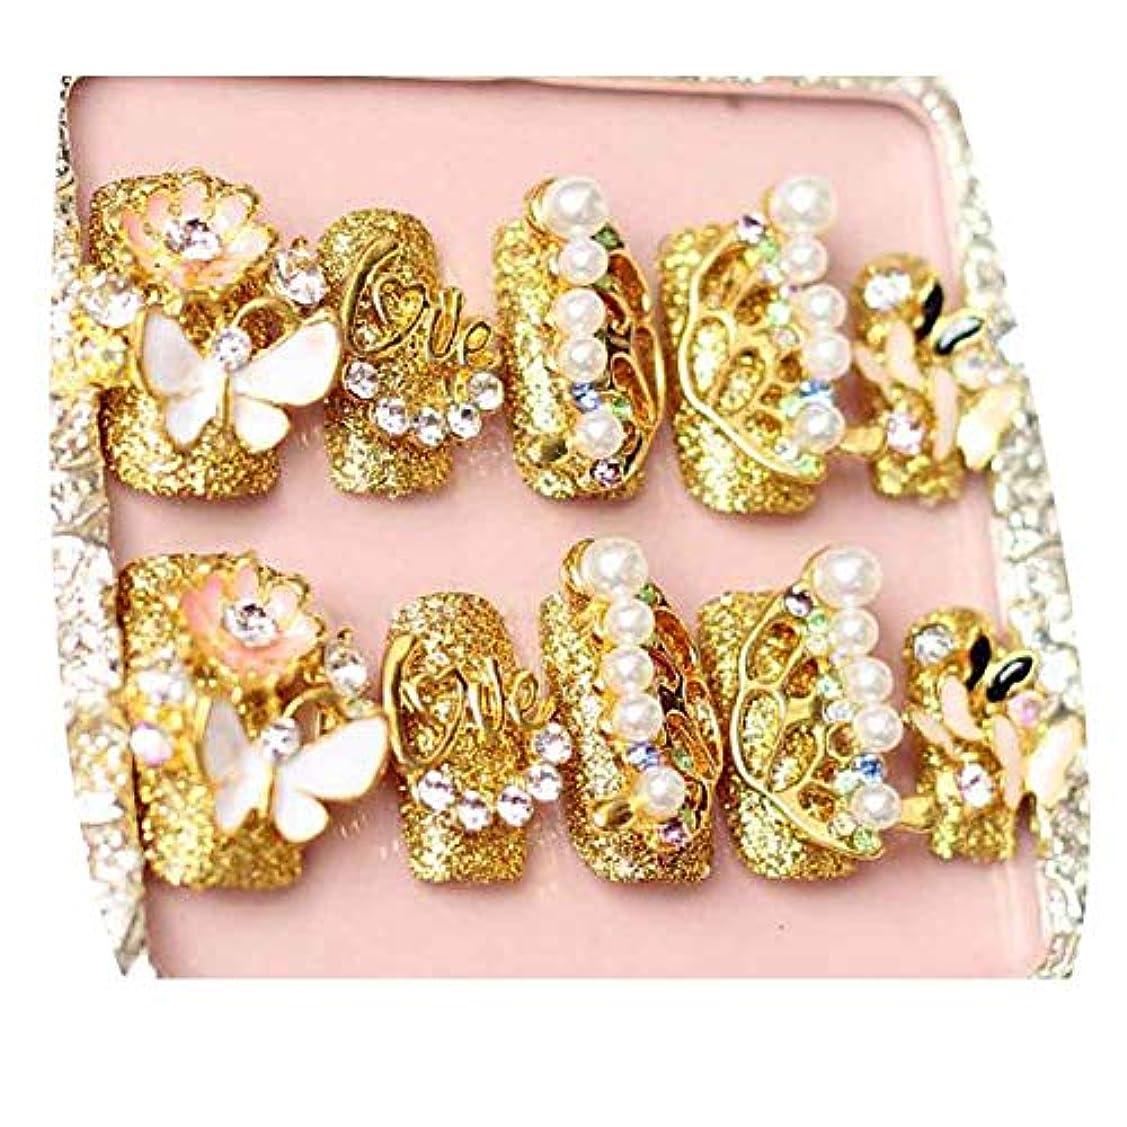 散文パターン政令蝶 - ゴールドカラー偽爪結婚式人工爪のヒントビーズネイルアート